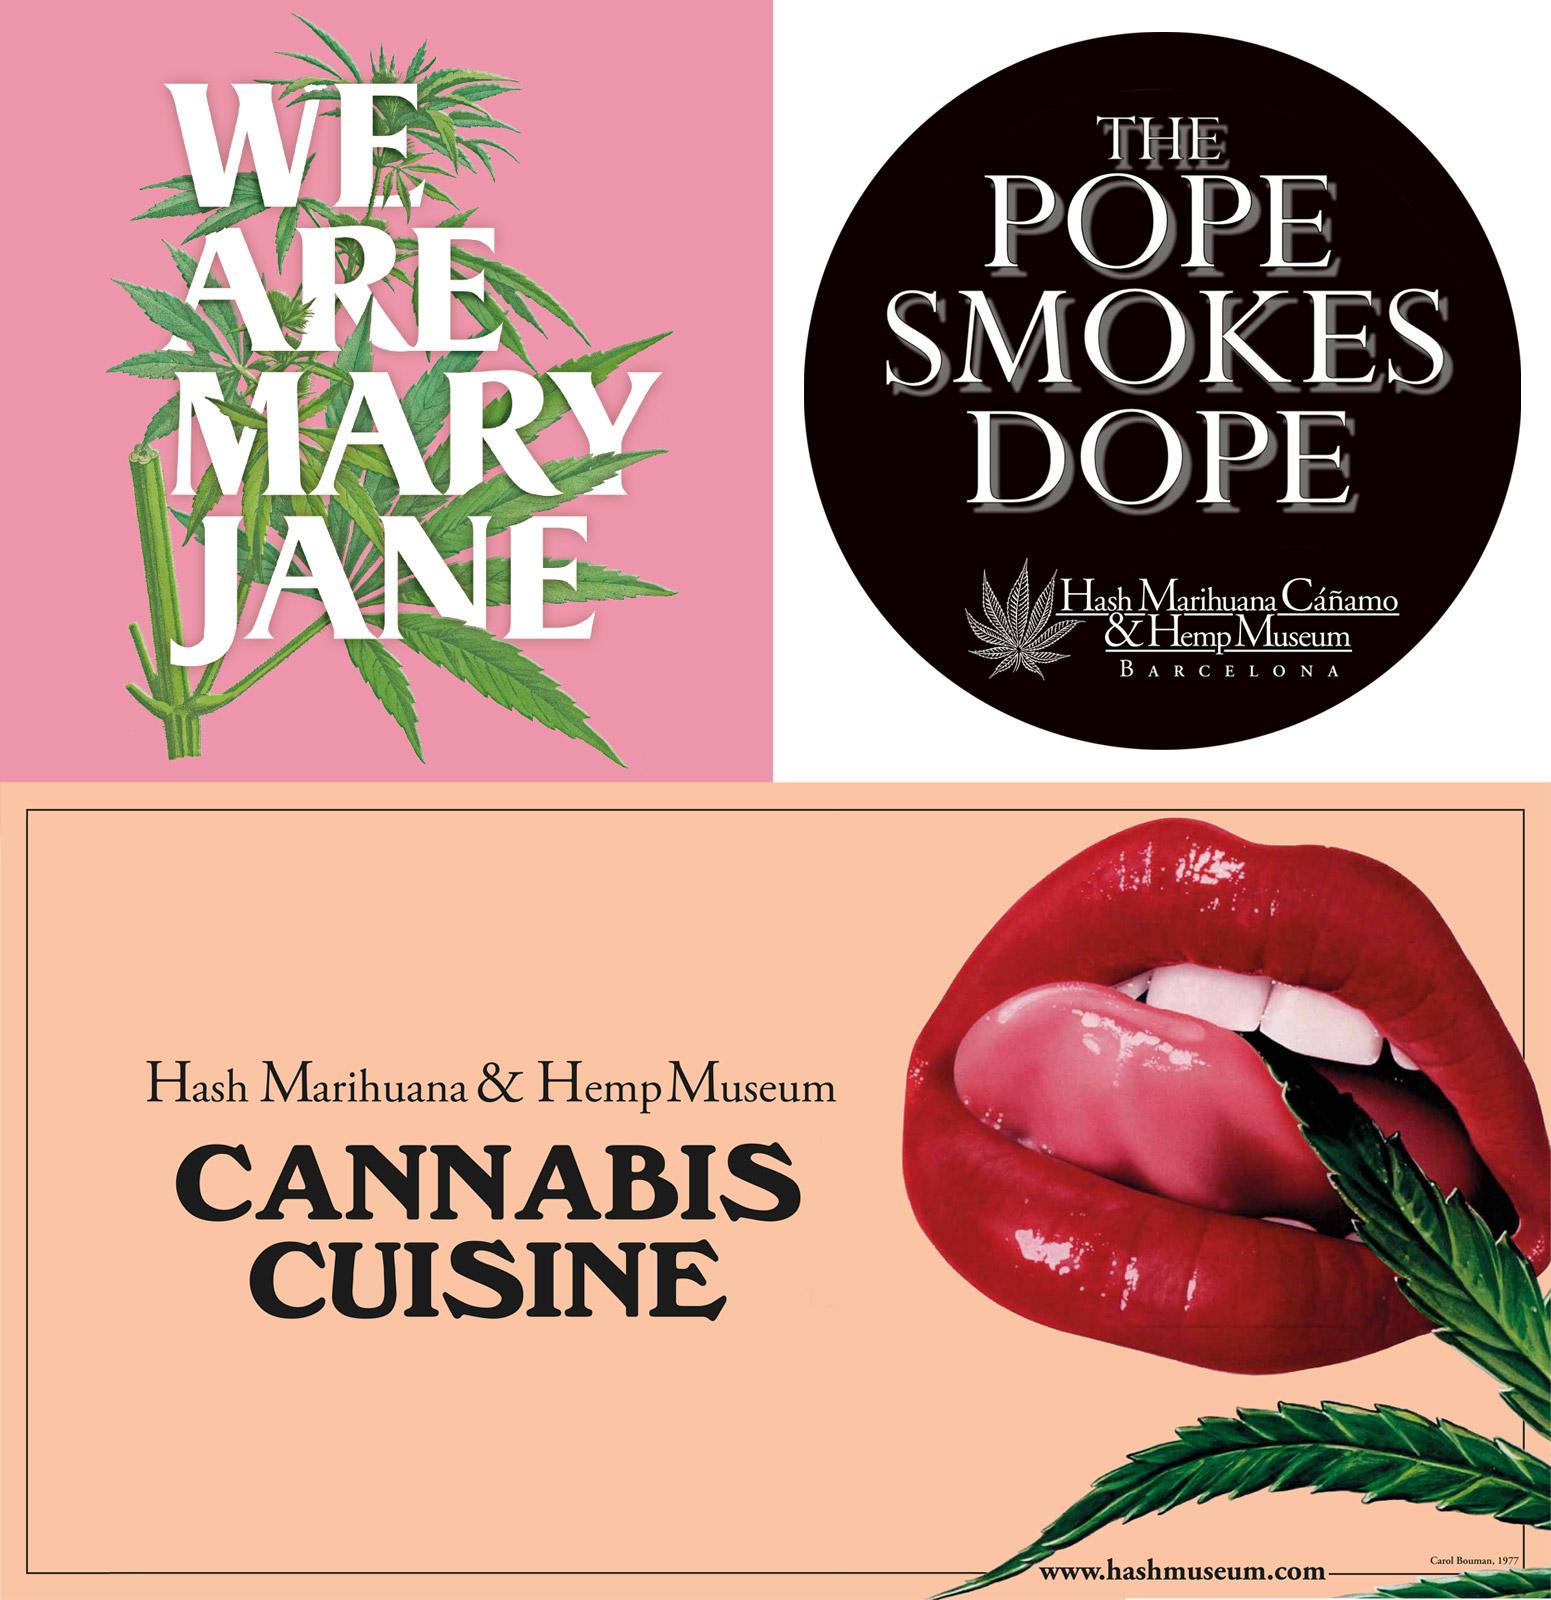 """Affiches pour """"Nous sommes Mary Jane"""", """"Le pape fume Dope"""" et """"Cuisine de cannabis"""""""